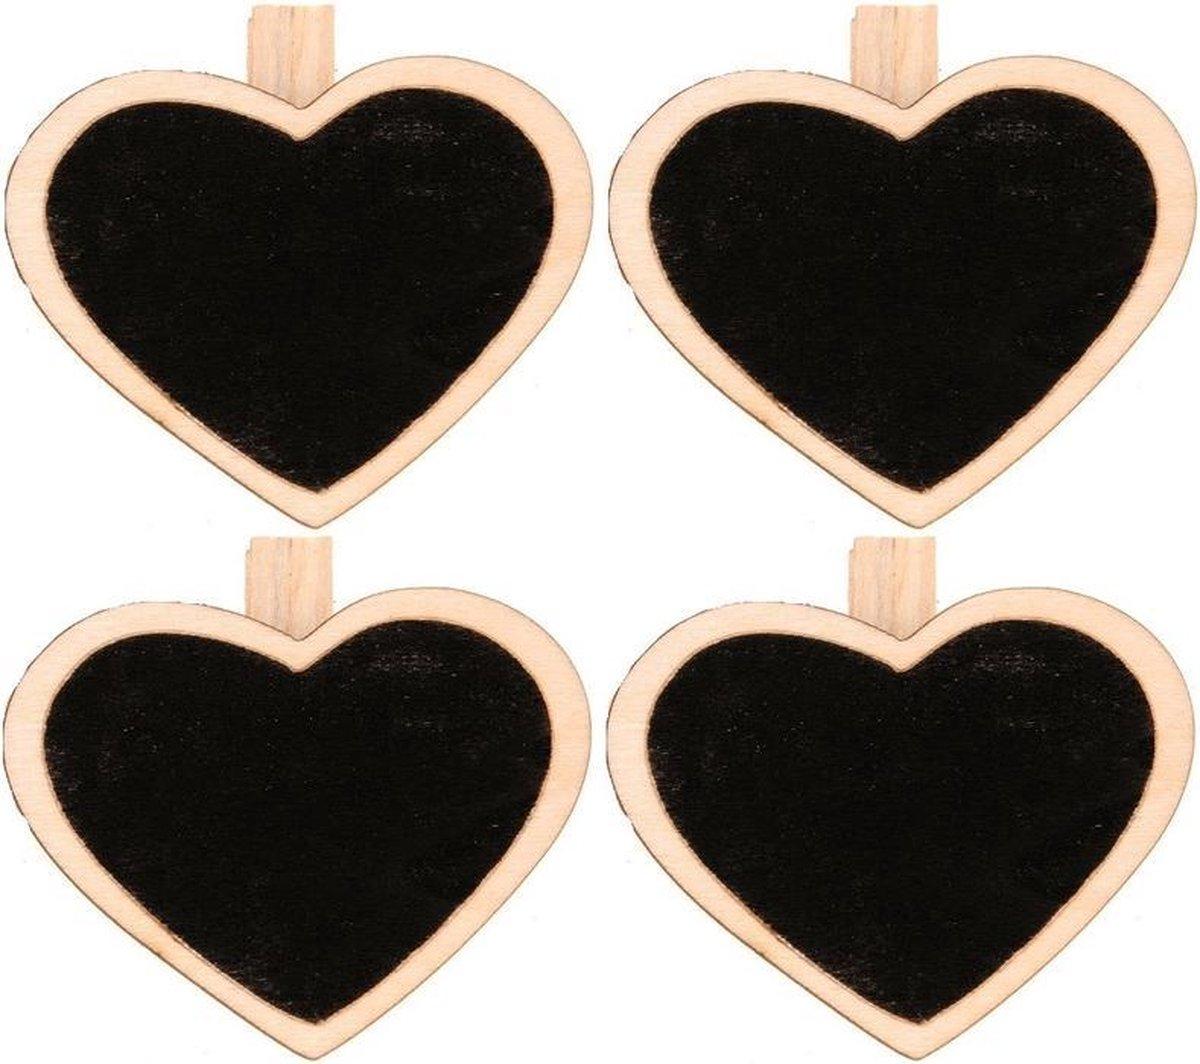 Merkloos / Sans marque 24x stuks Houten mini krijtbordjes/schrijfbordjes/memobordjes/naambordjes hartjes vorm op knijper 5 cm online kopen